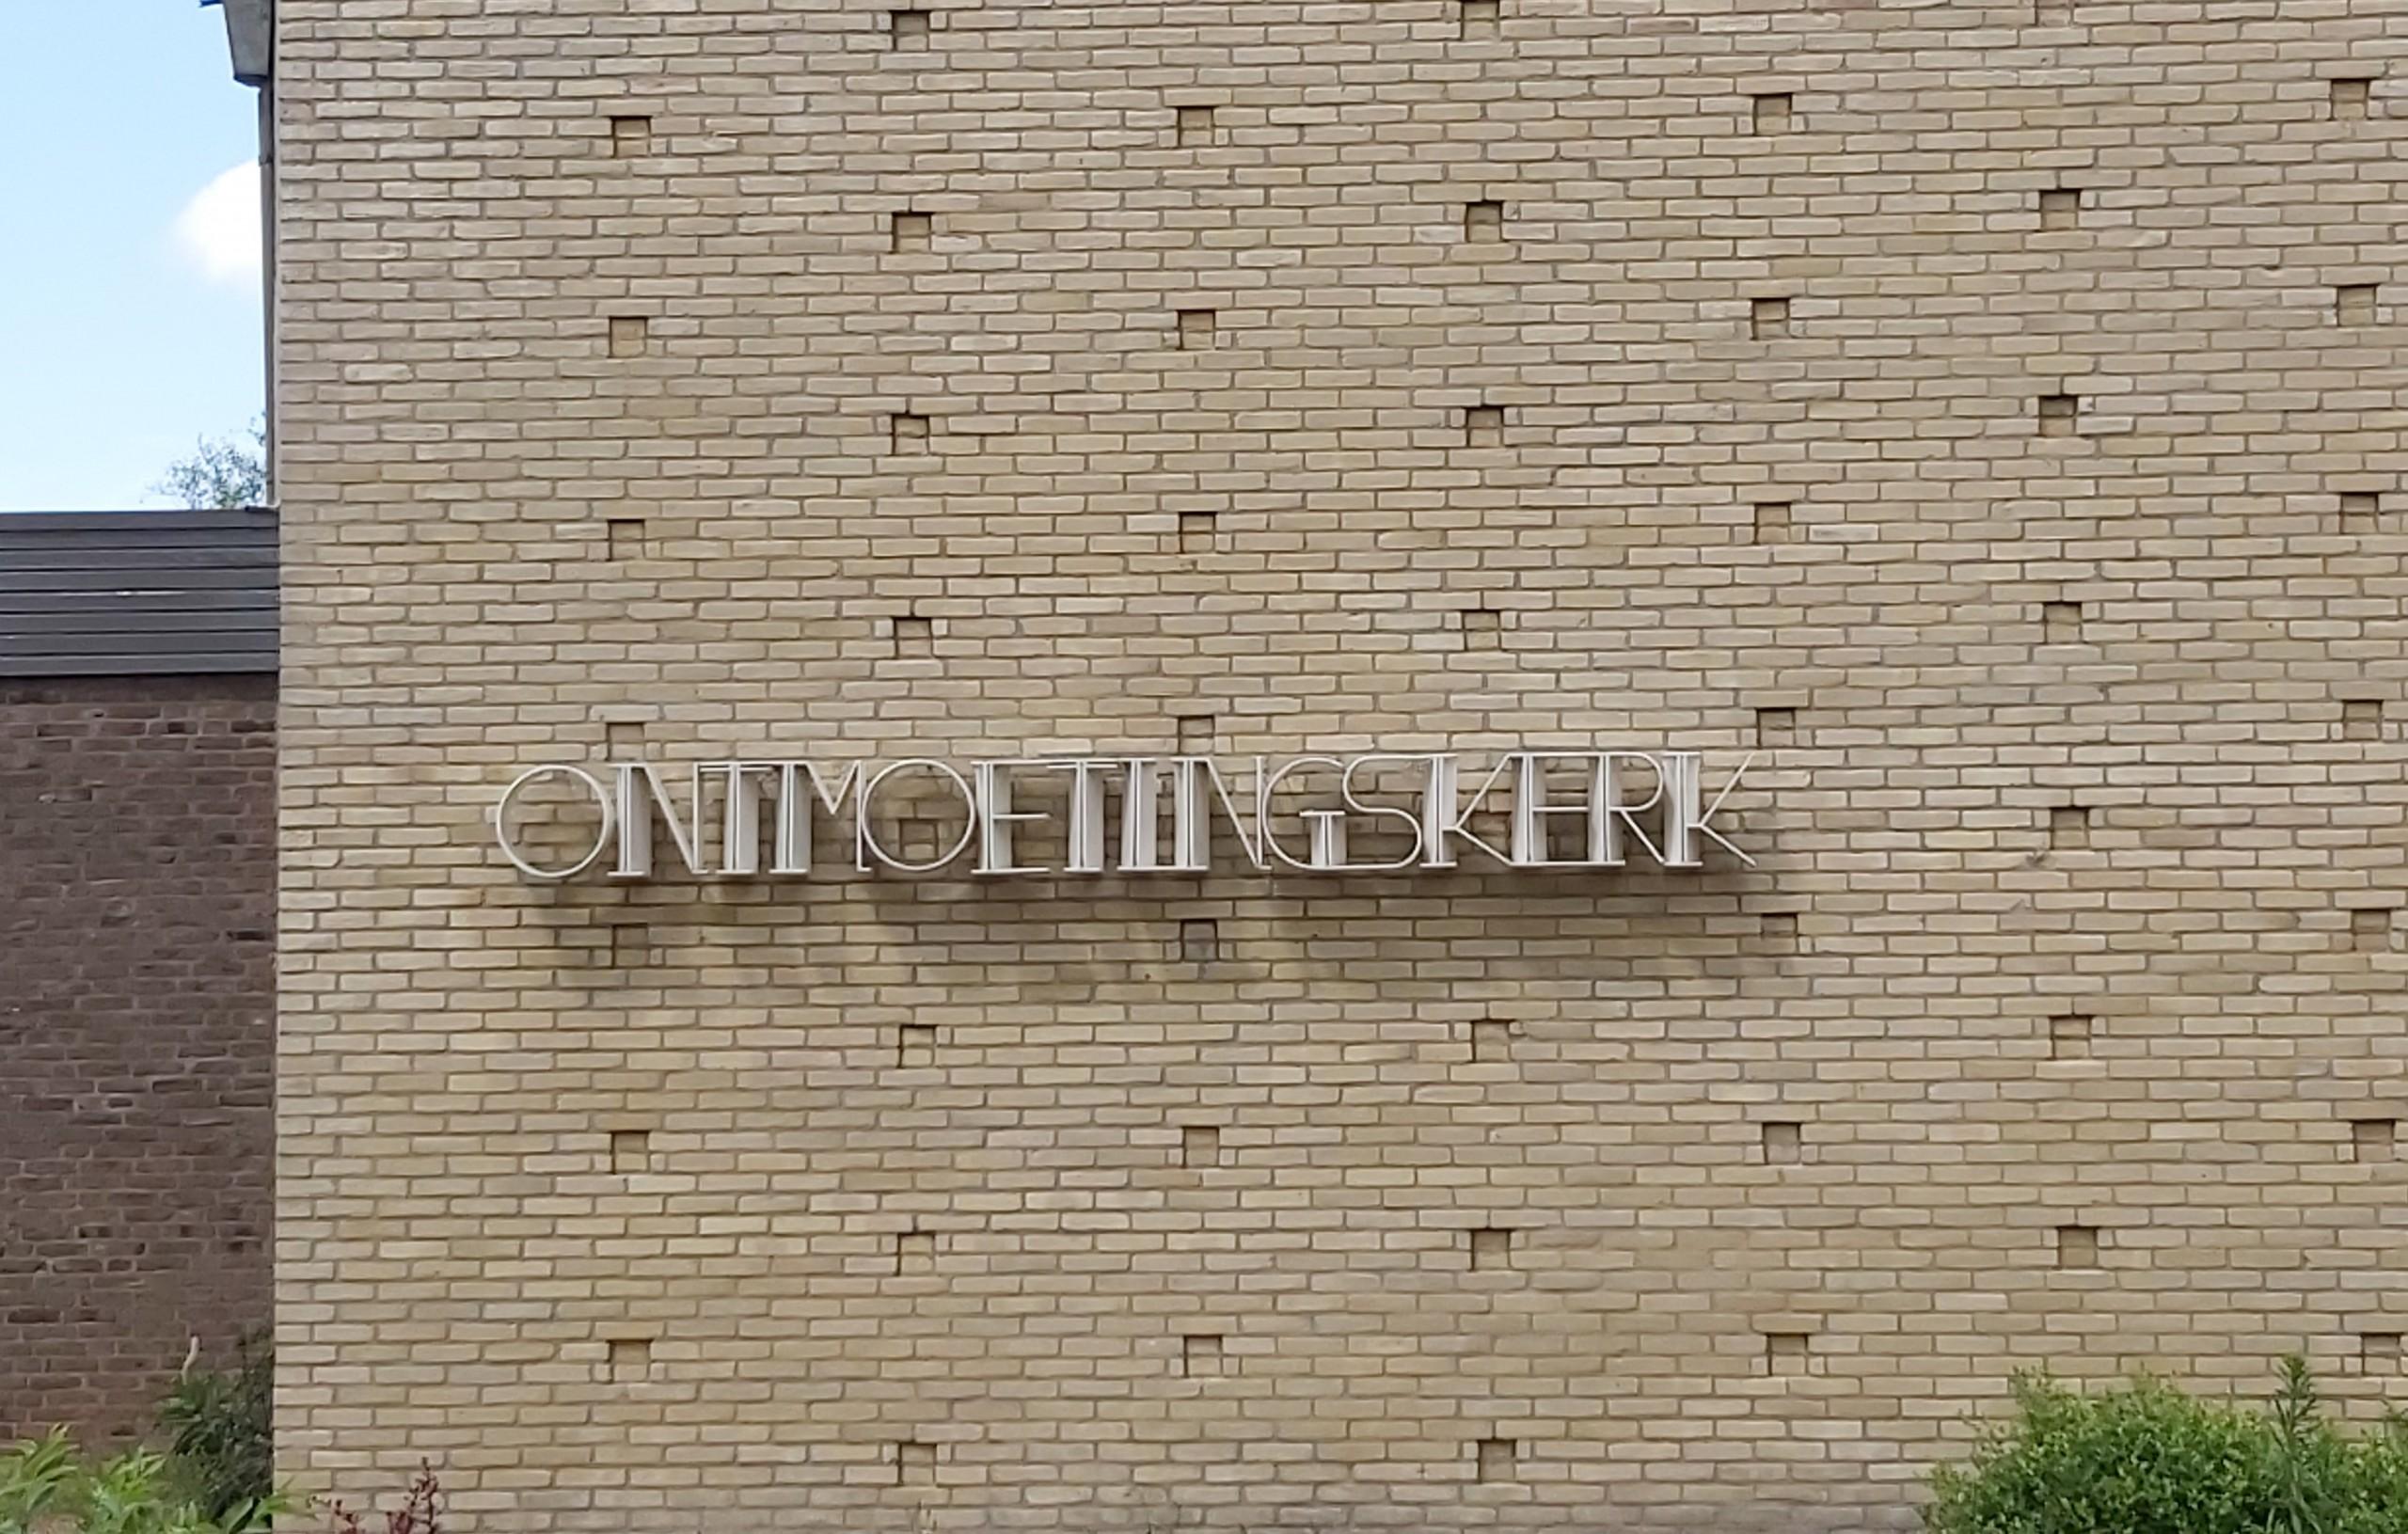 Ontmoetingskerk20200606_143832 (4)